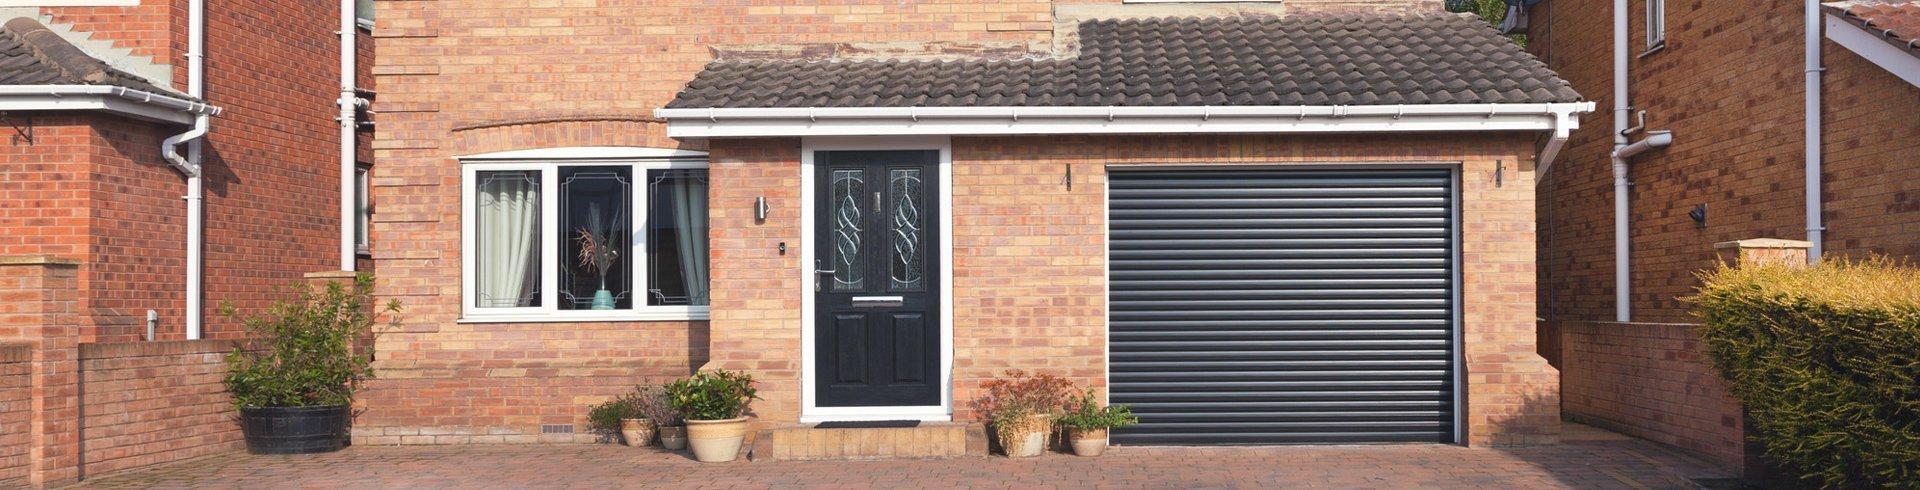 Rolling garage door